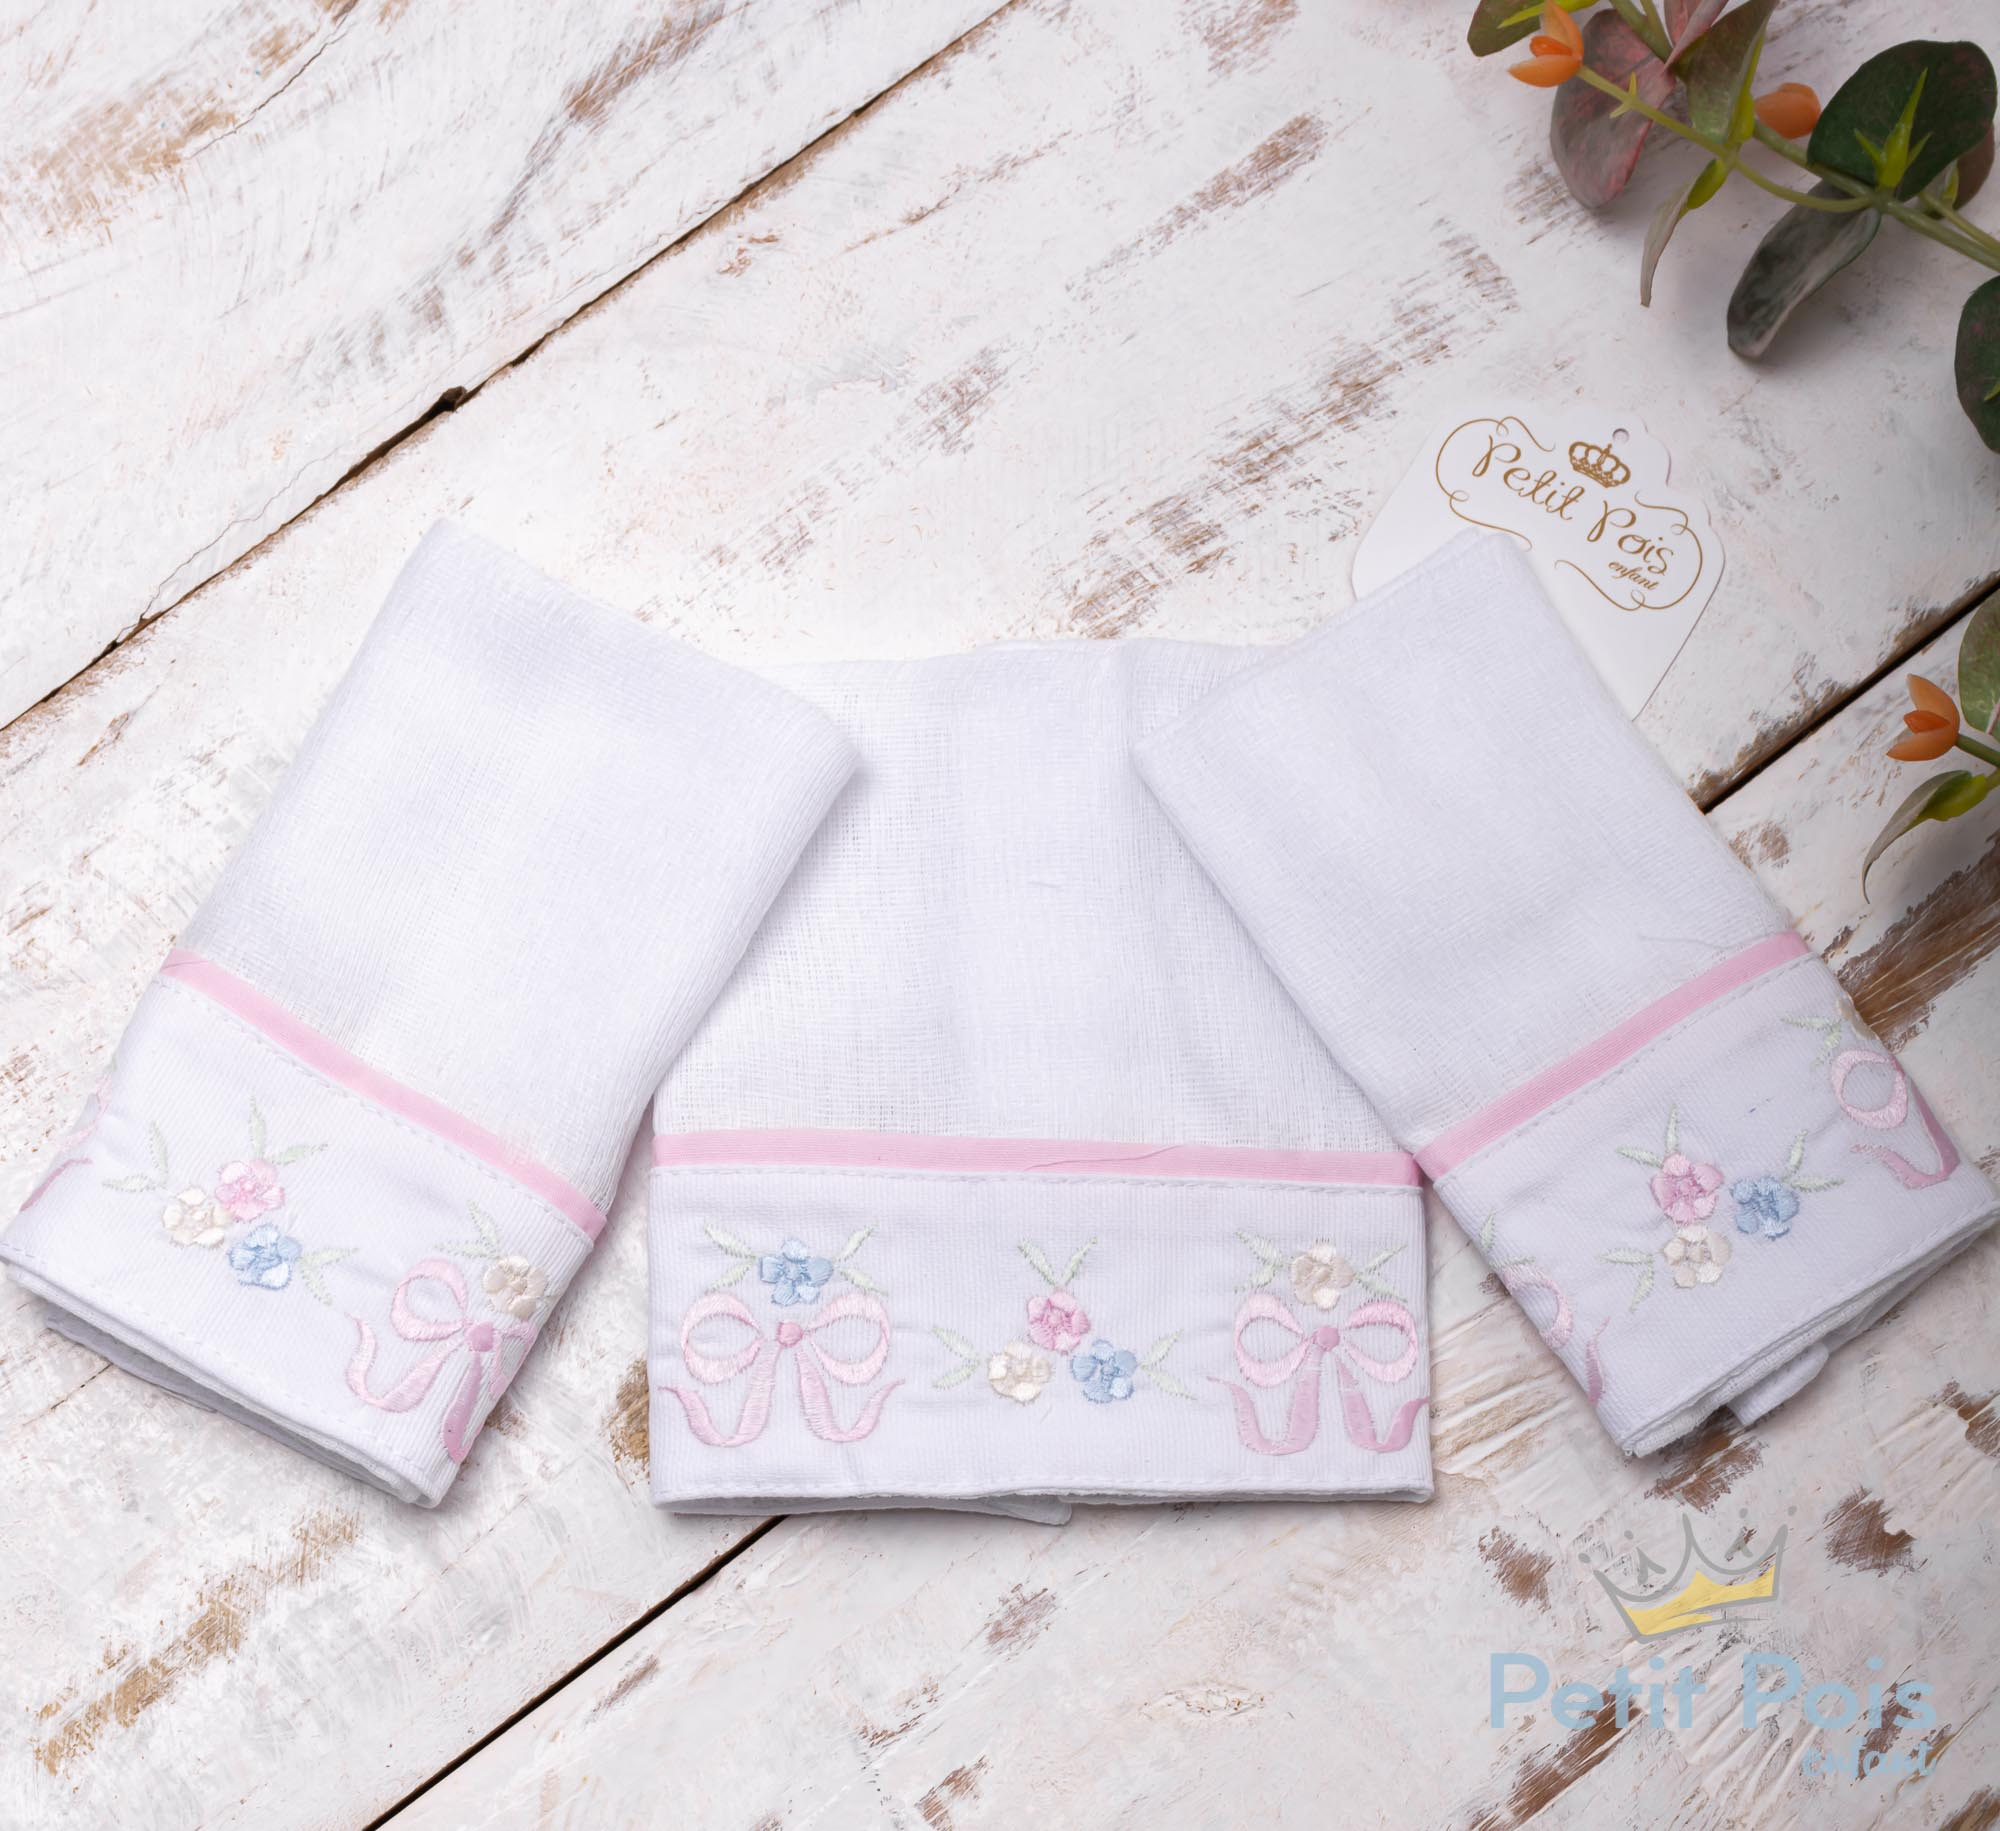 Kit toalha de boca laços com vivo 3 peças - Branco e rosa